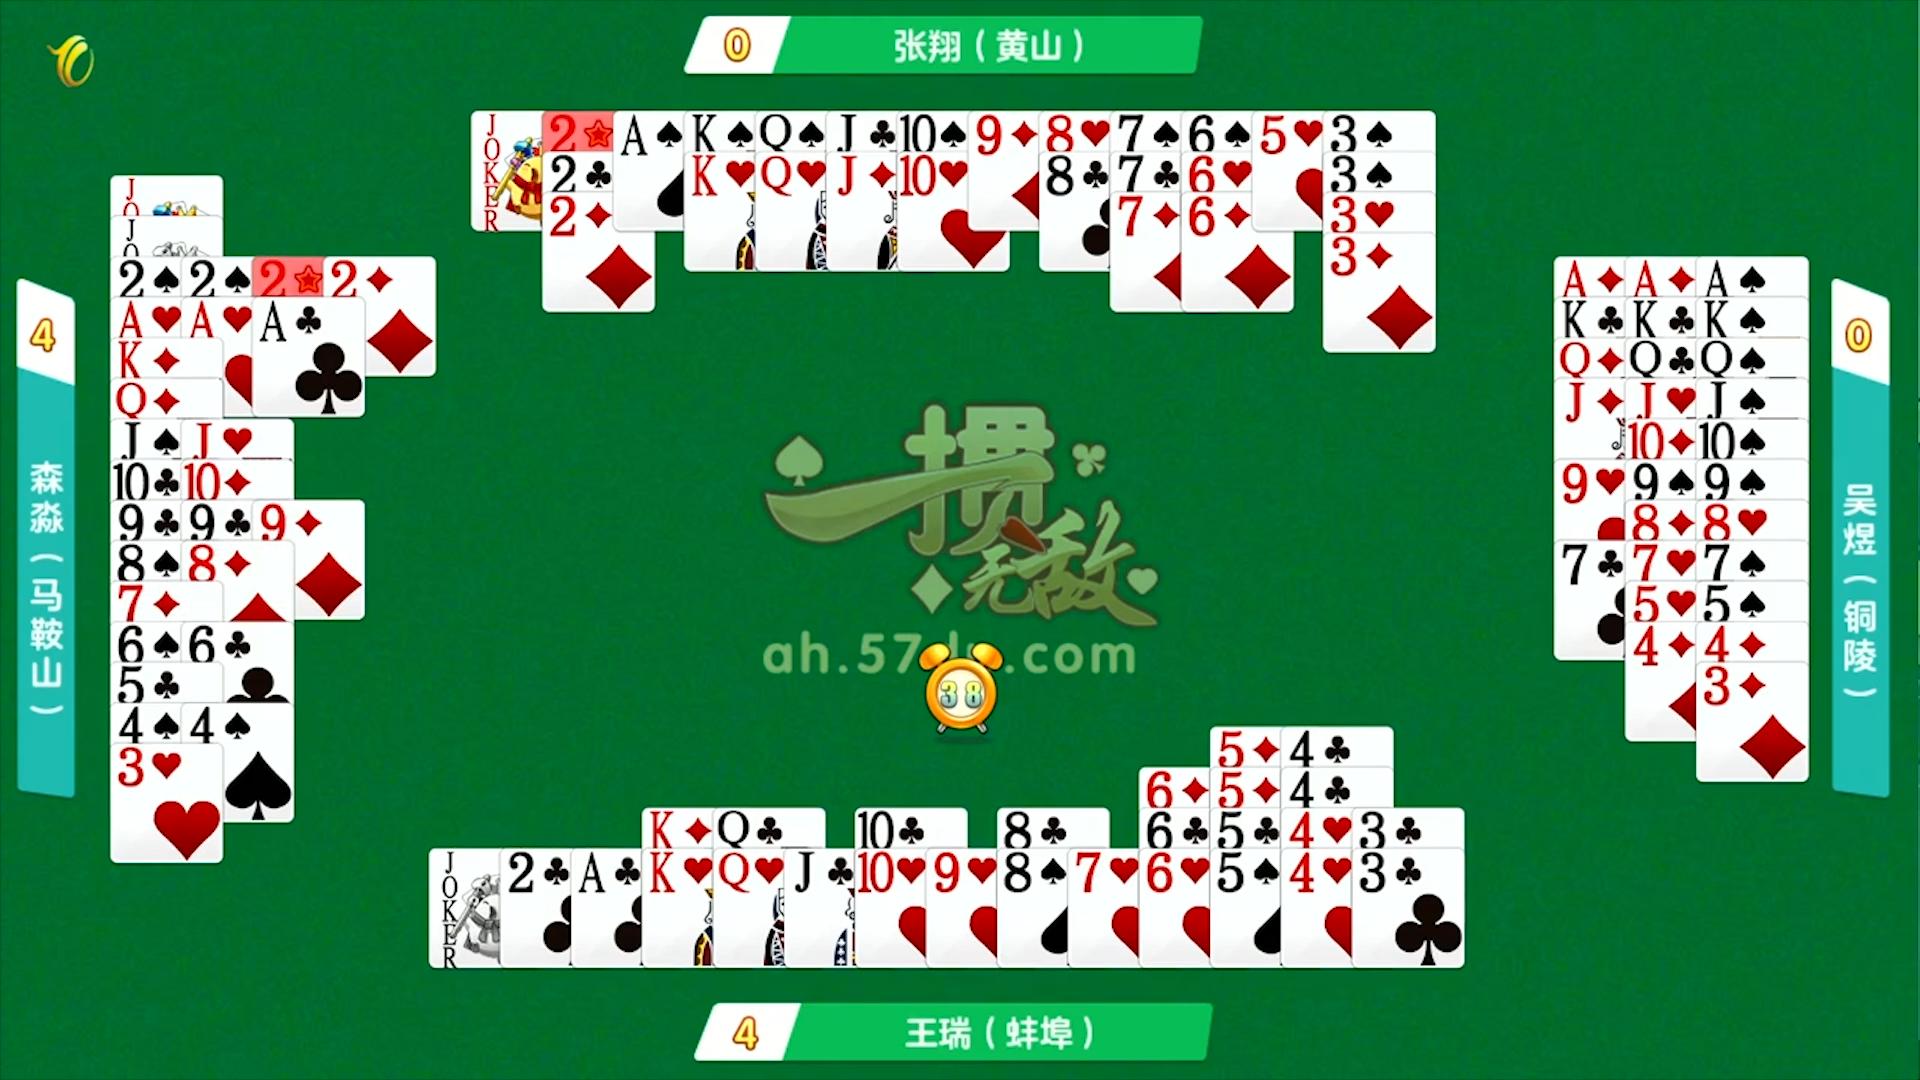 「一掼无敌」第2期第二局赛点复盘——洞察牌理,组牌是制胜关键